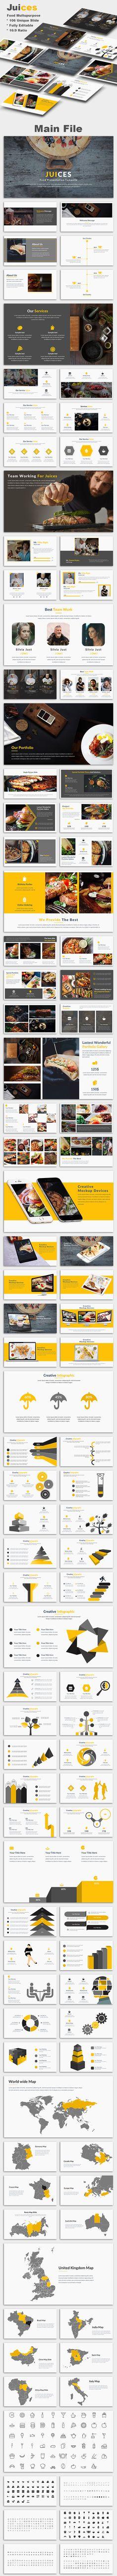 Juices Food Multipurpose Keynote Template